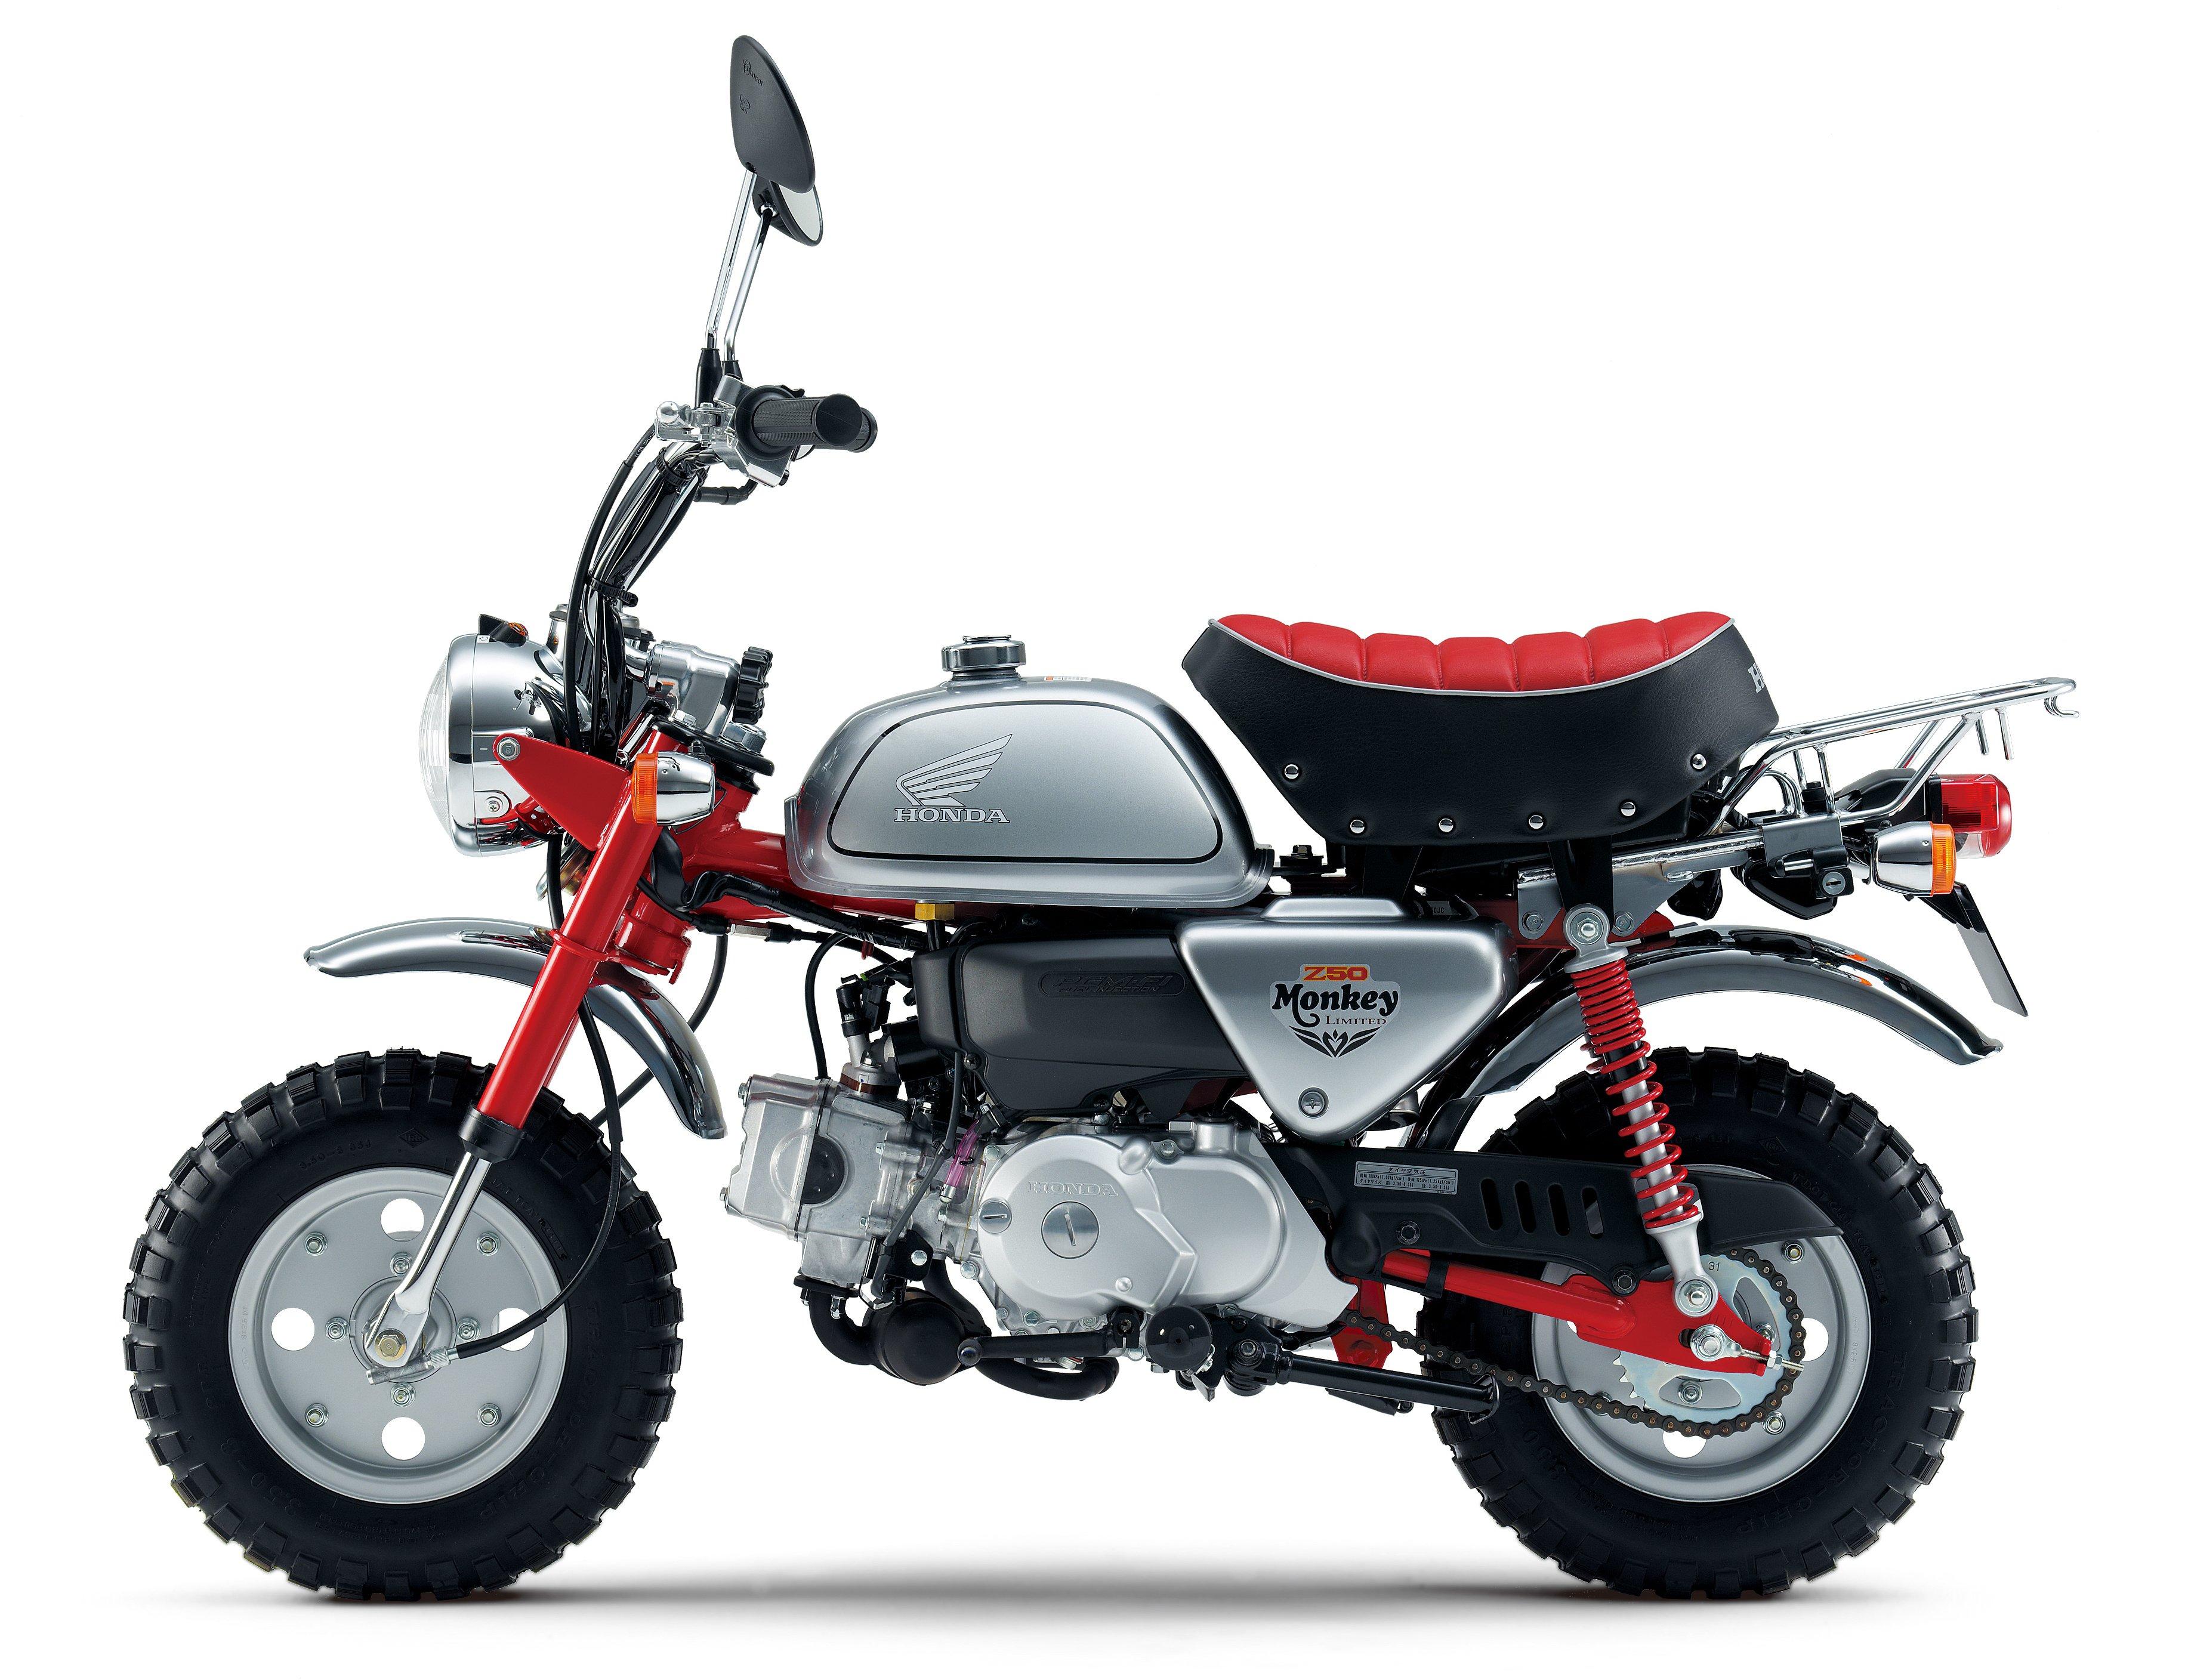 Yamaha Mini Bike Price